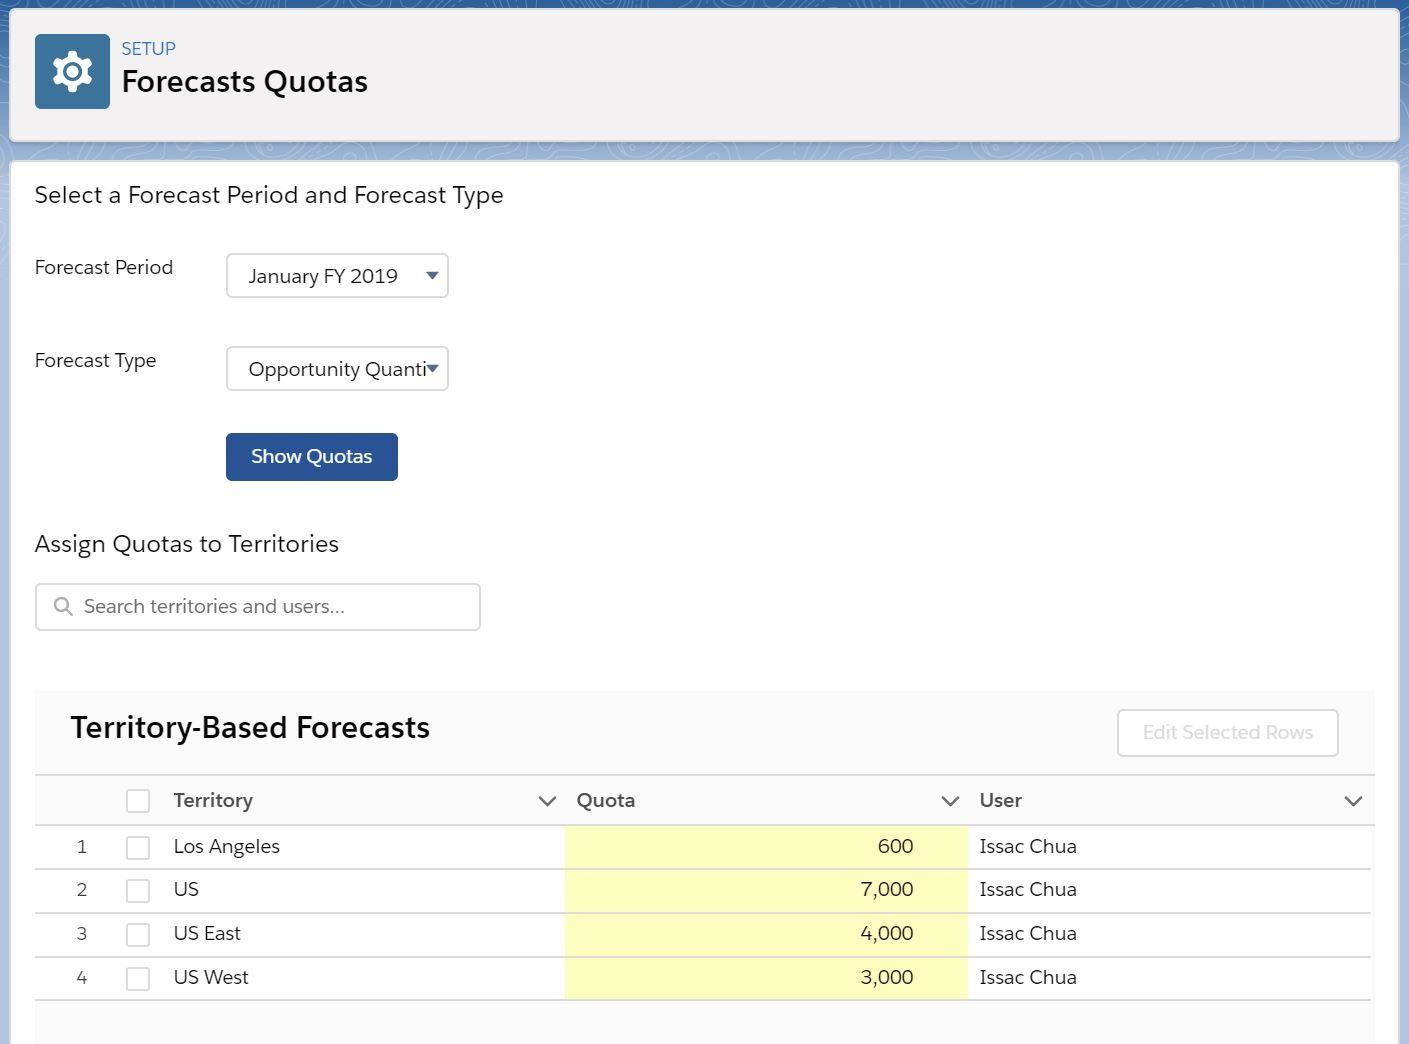 forecast-quota-based-on-territory